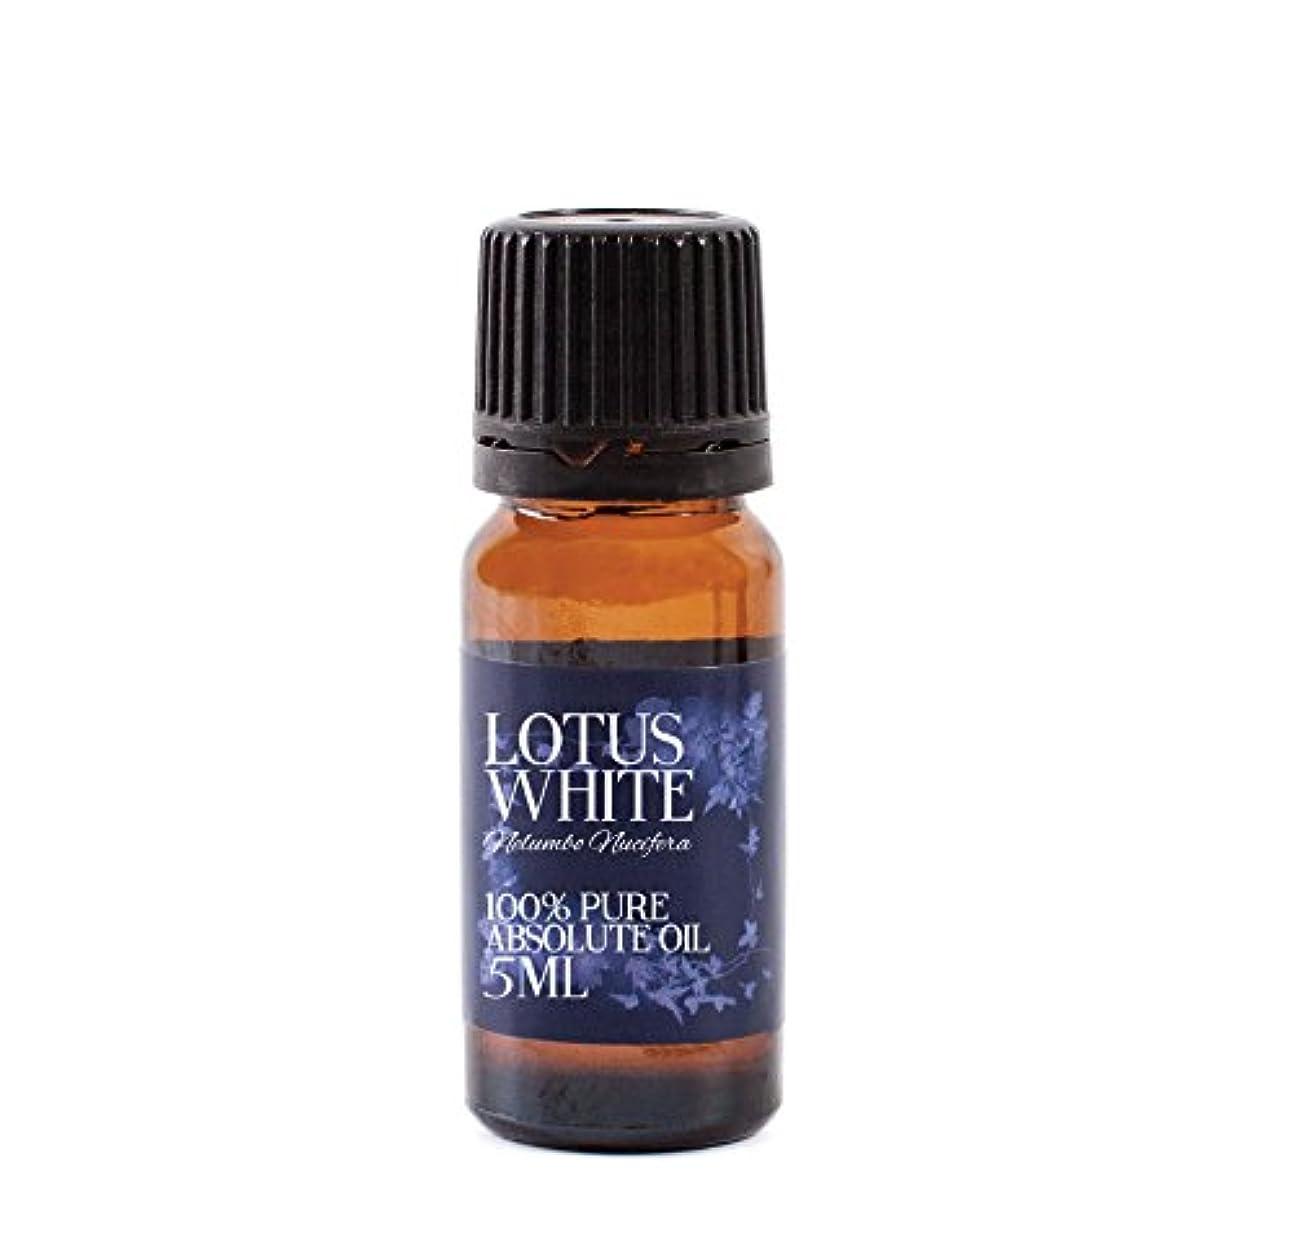 輝度利用可能エスカレーターLotus White Absolute 5ml - 100% Pure